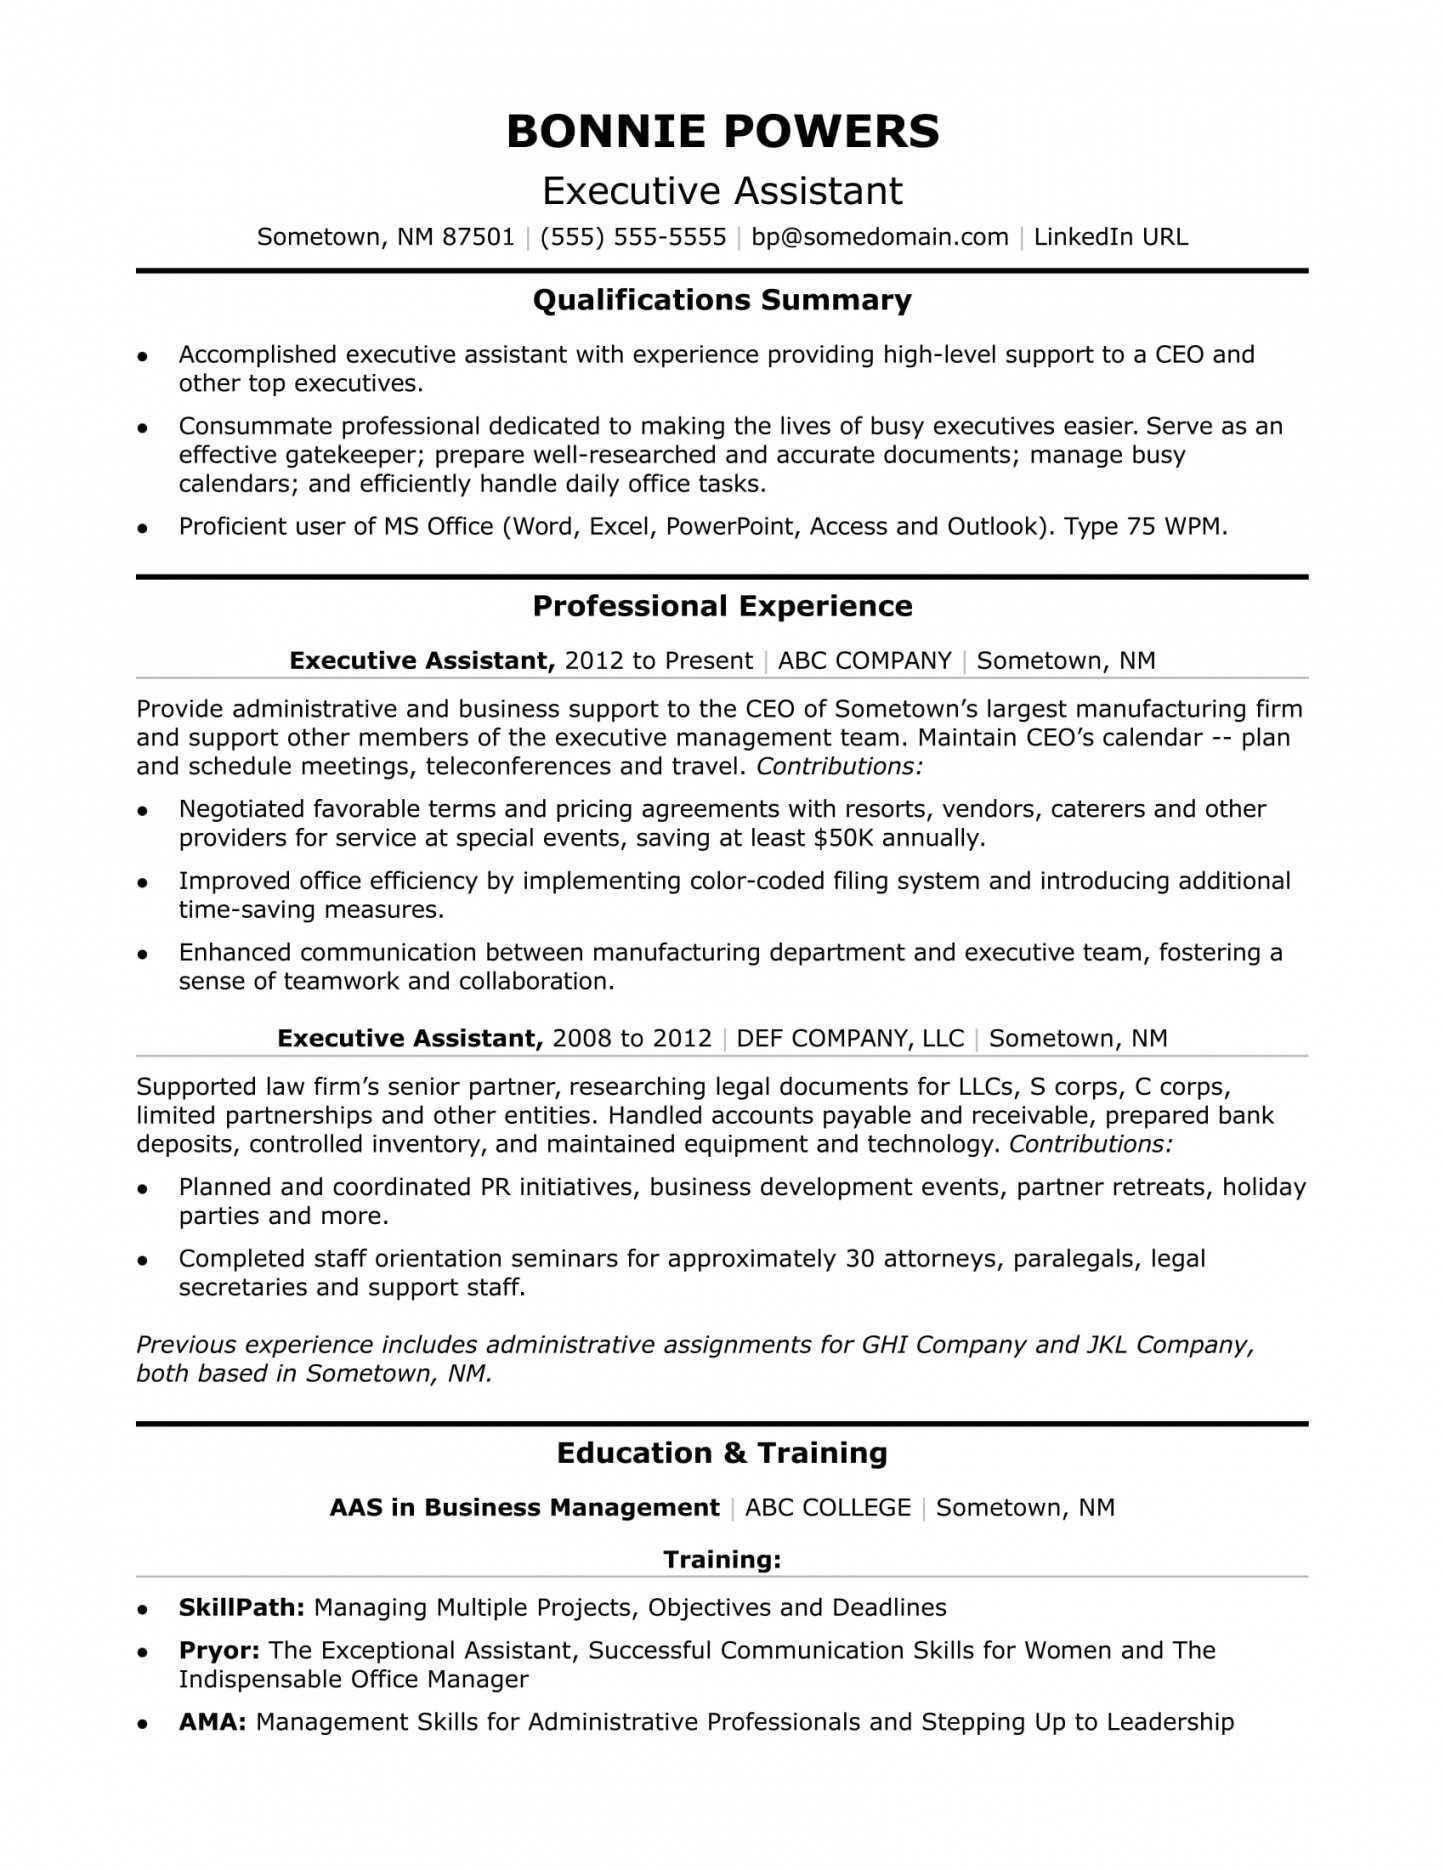 62 Customize Business Retreat Agenda Template Templates with Business Retreat Agenda Template